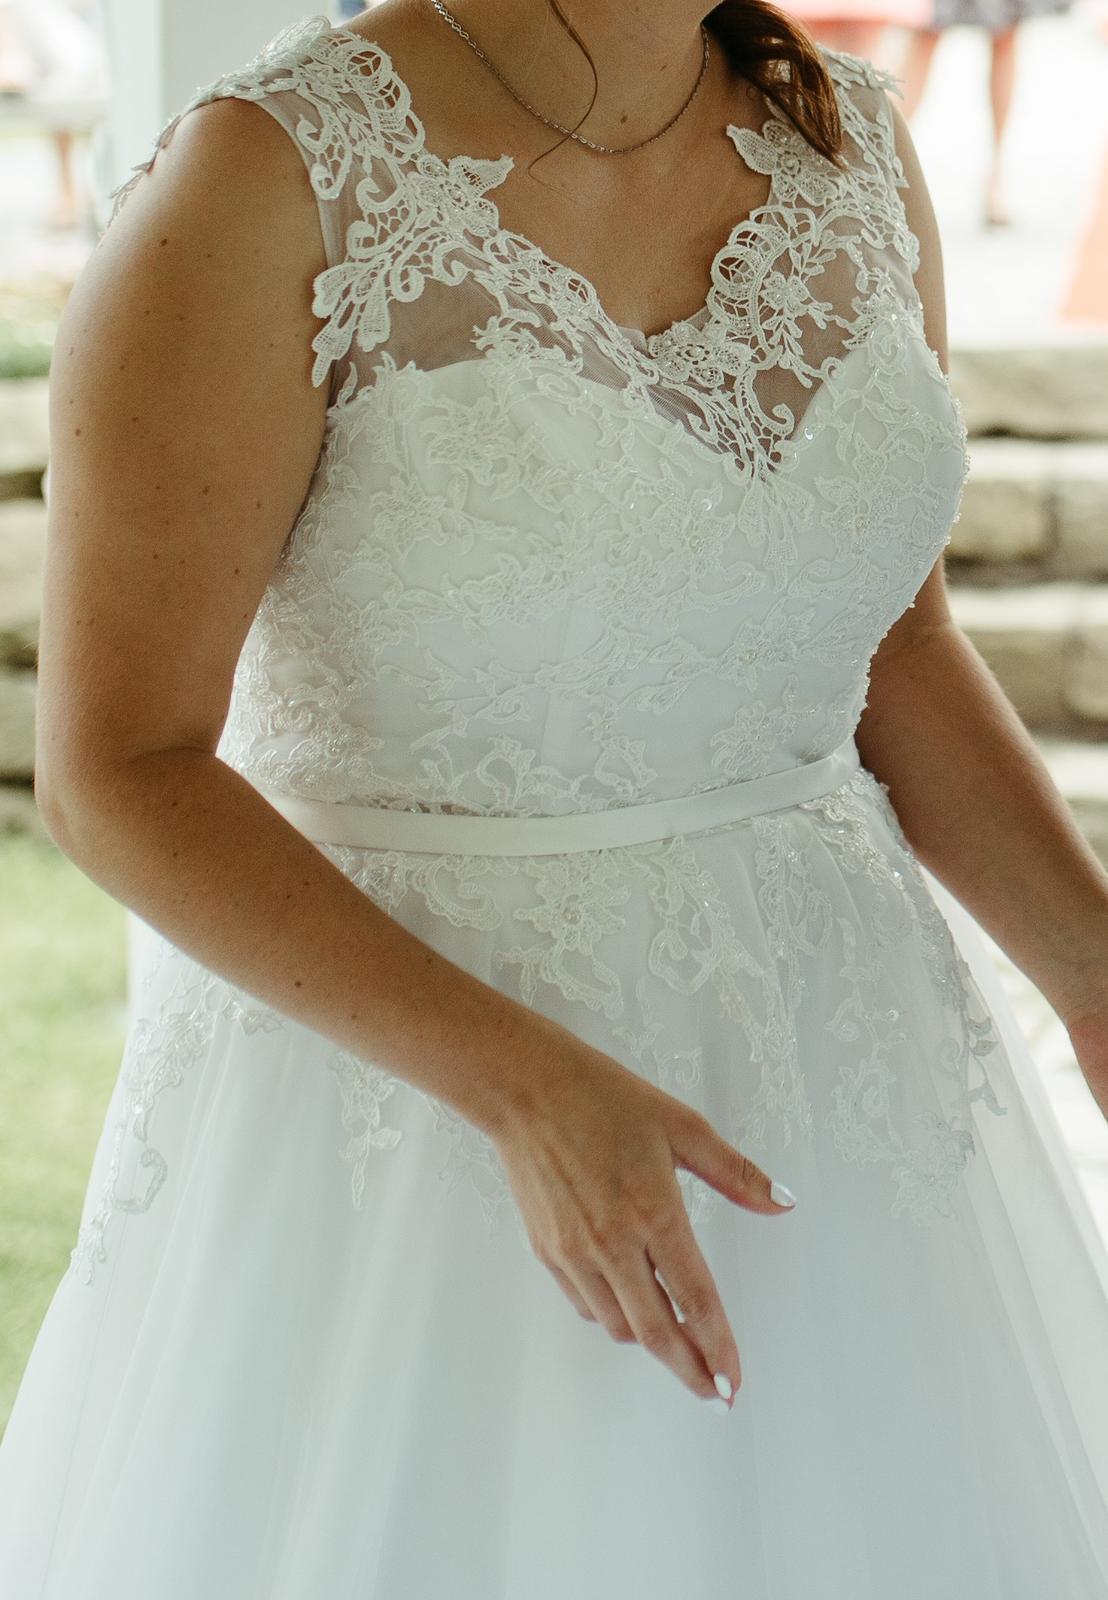 Svatební šaty Ivory, vel. 42-46 - Obrázek č. 1